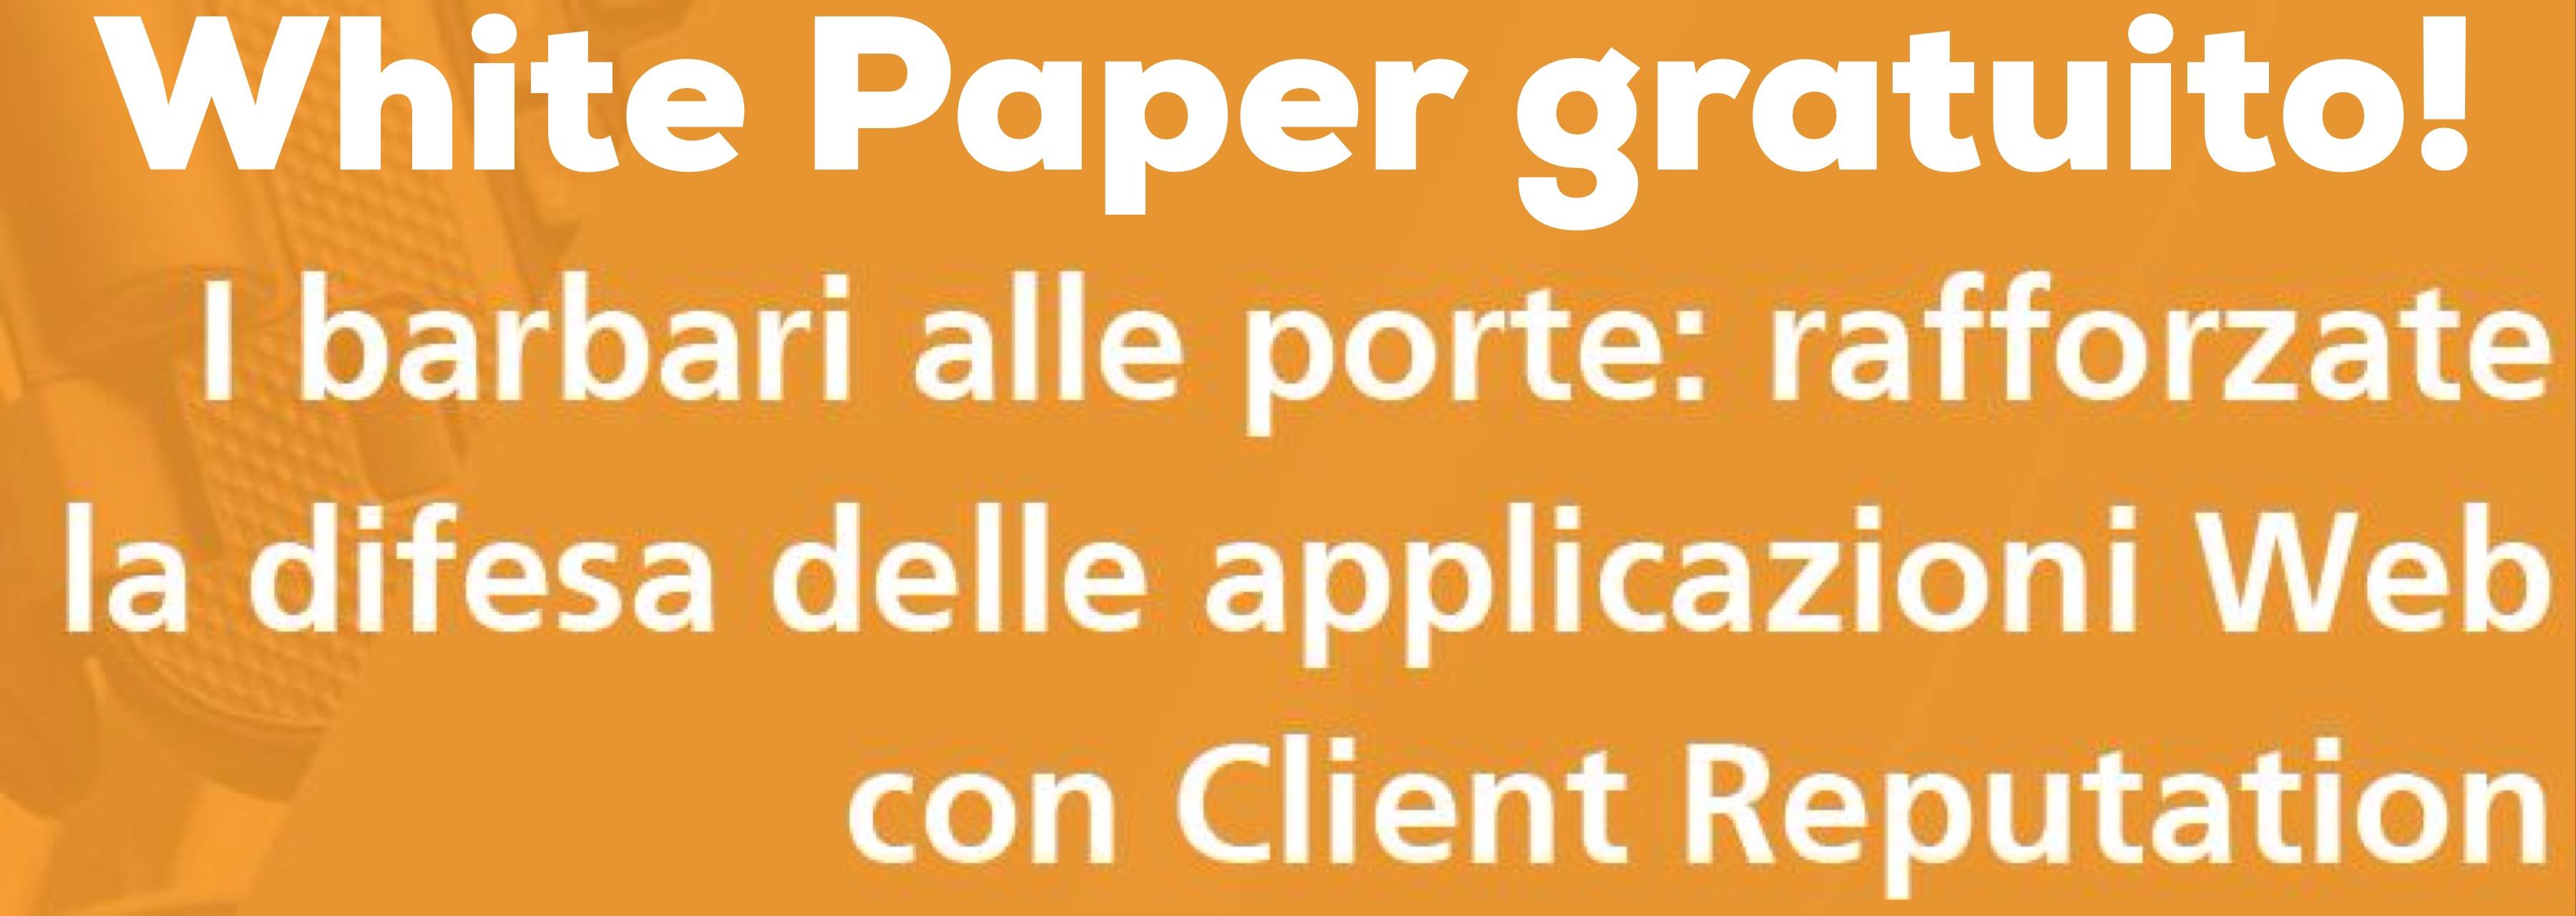 Sicurezza White Paper